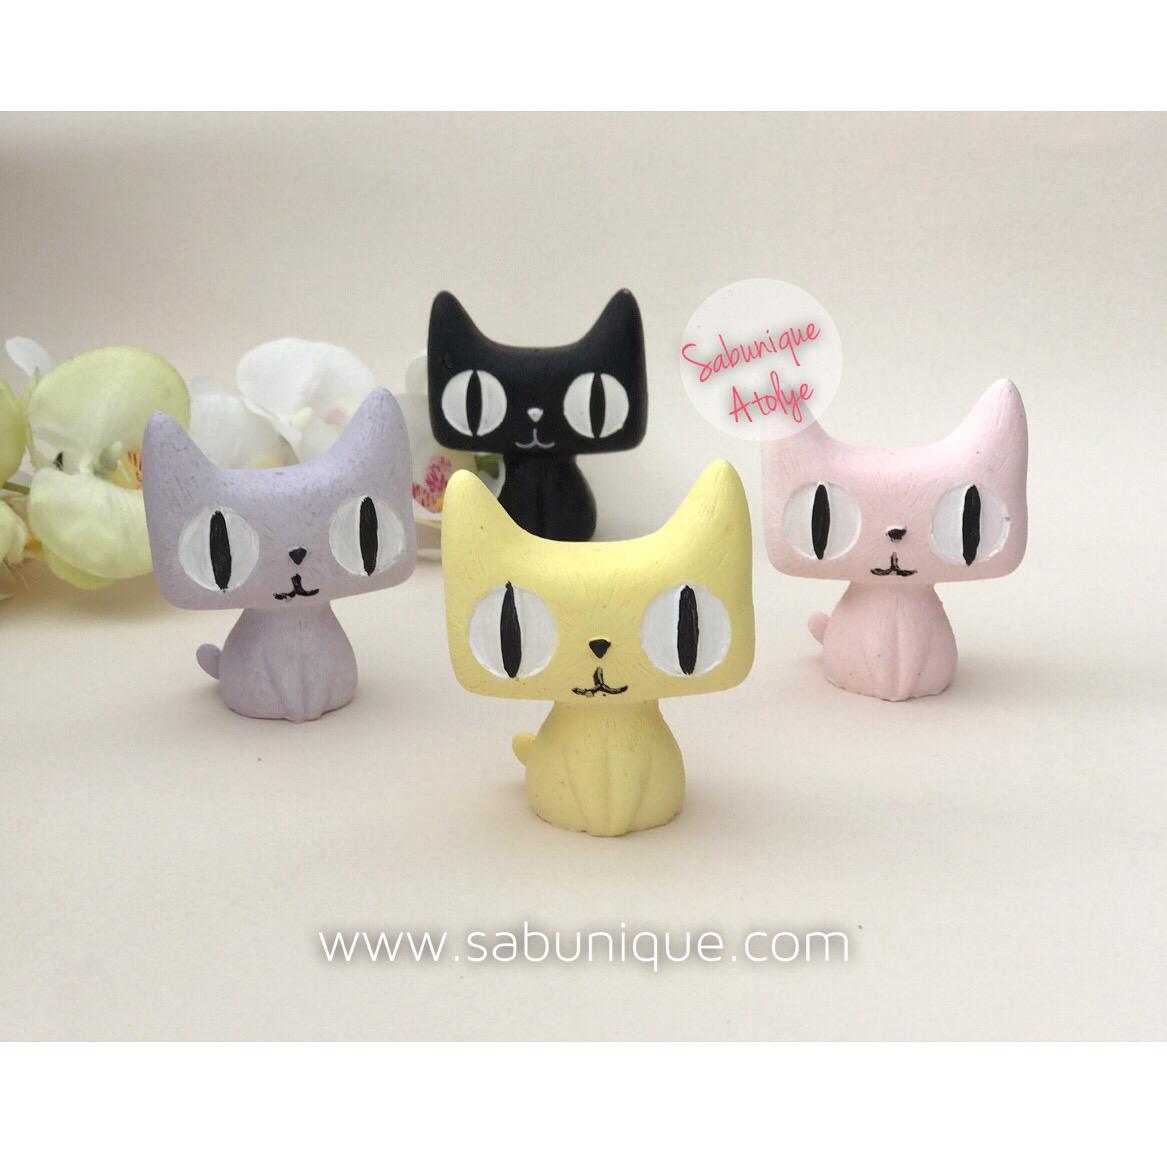 Kedi Silikon Kalıbı Sabunique Silikon Kalıpları Ve Hobi Malzemeleri